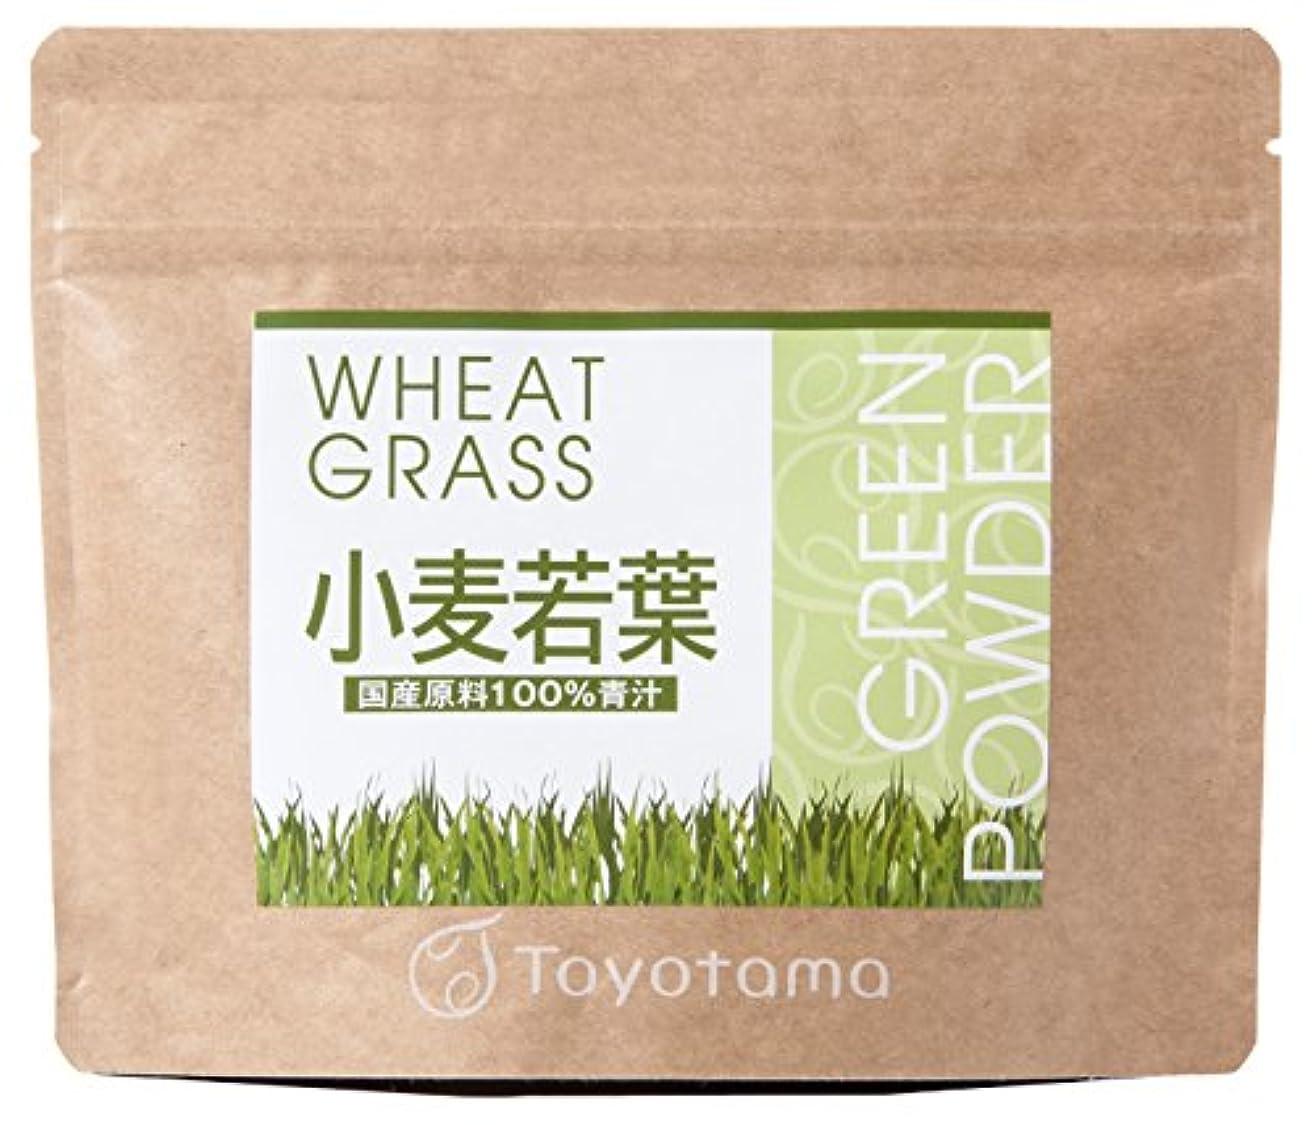 不良品分析する科学者トヨタマ(TOYOTAMA) 国産小麦若葉100%青汁 90g (約30回分) 無添加 ピュアパウダー 1096314